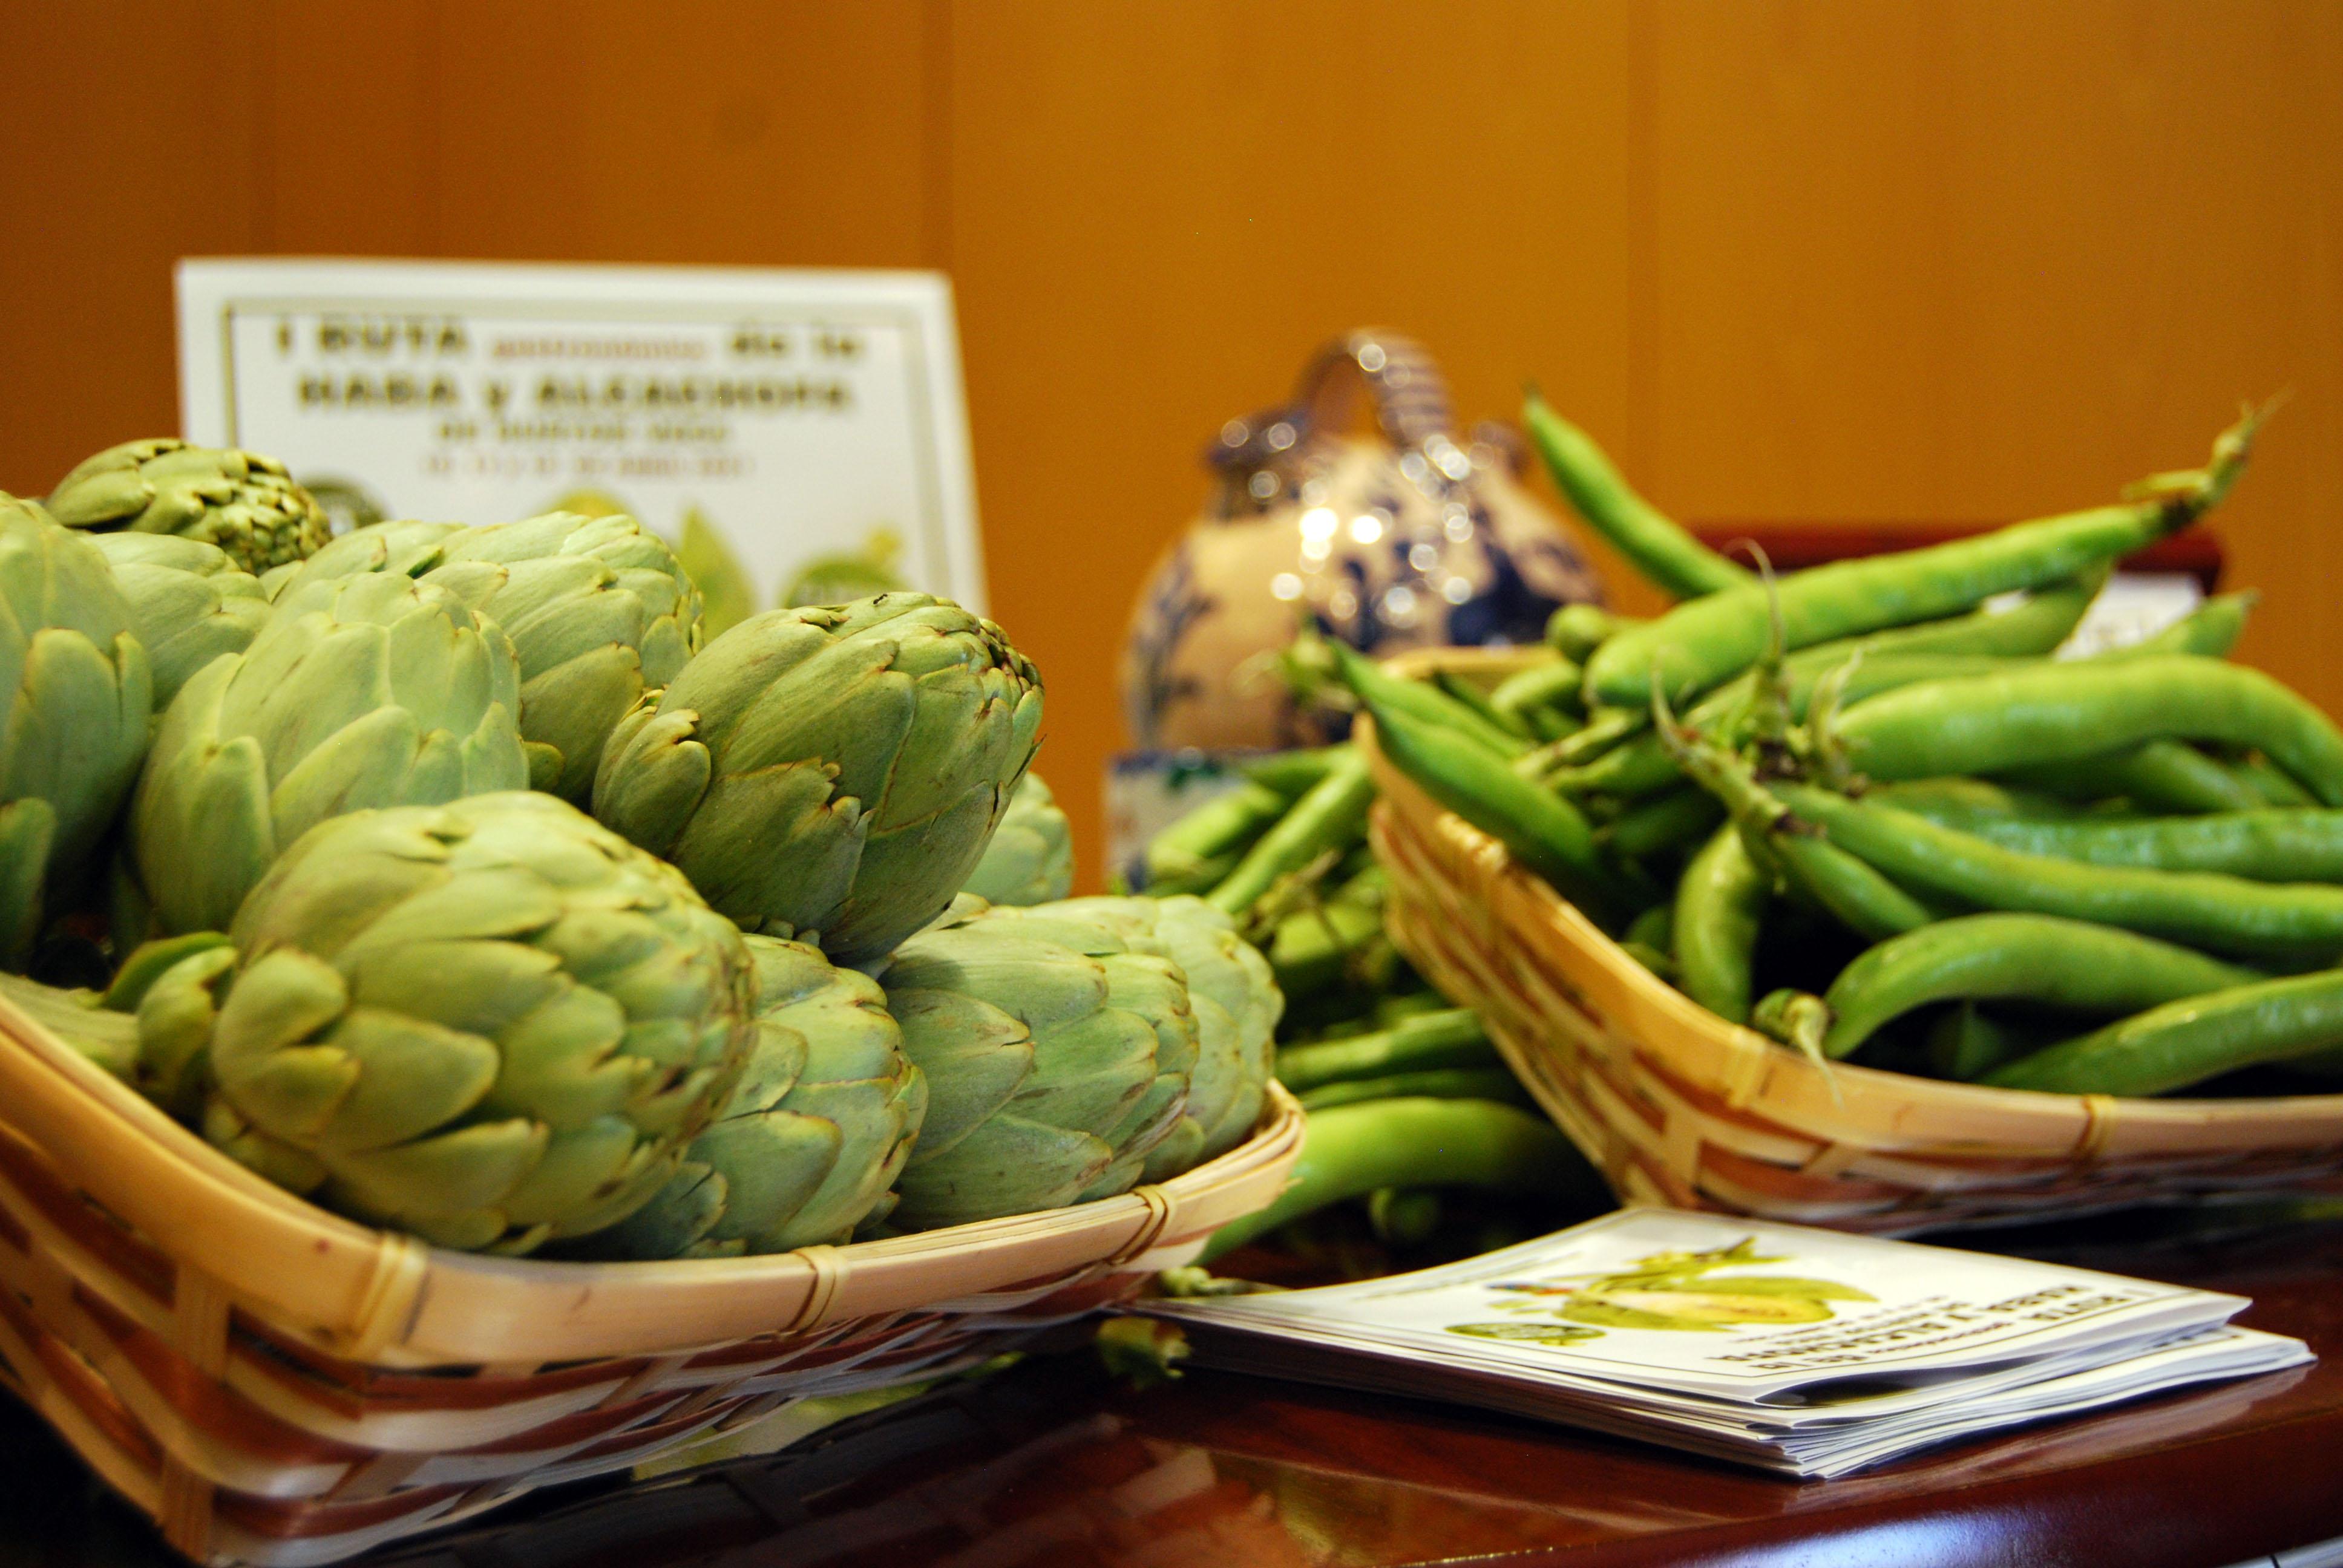 Una ruta gastronómica permite disfrutar de las habas y alcachofas de Huétor Vega